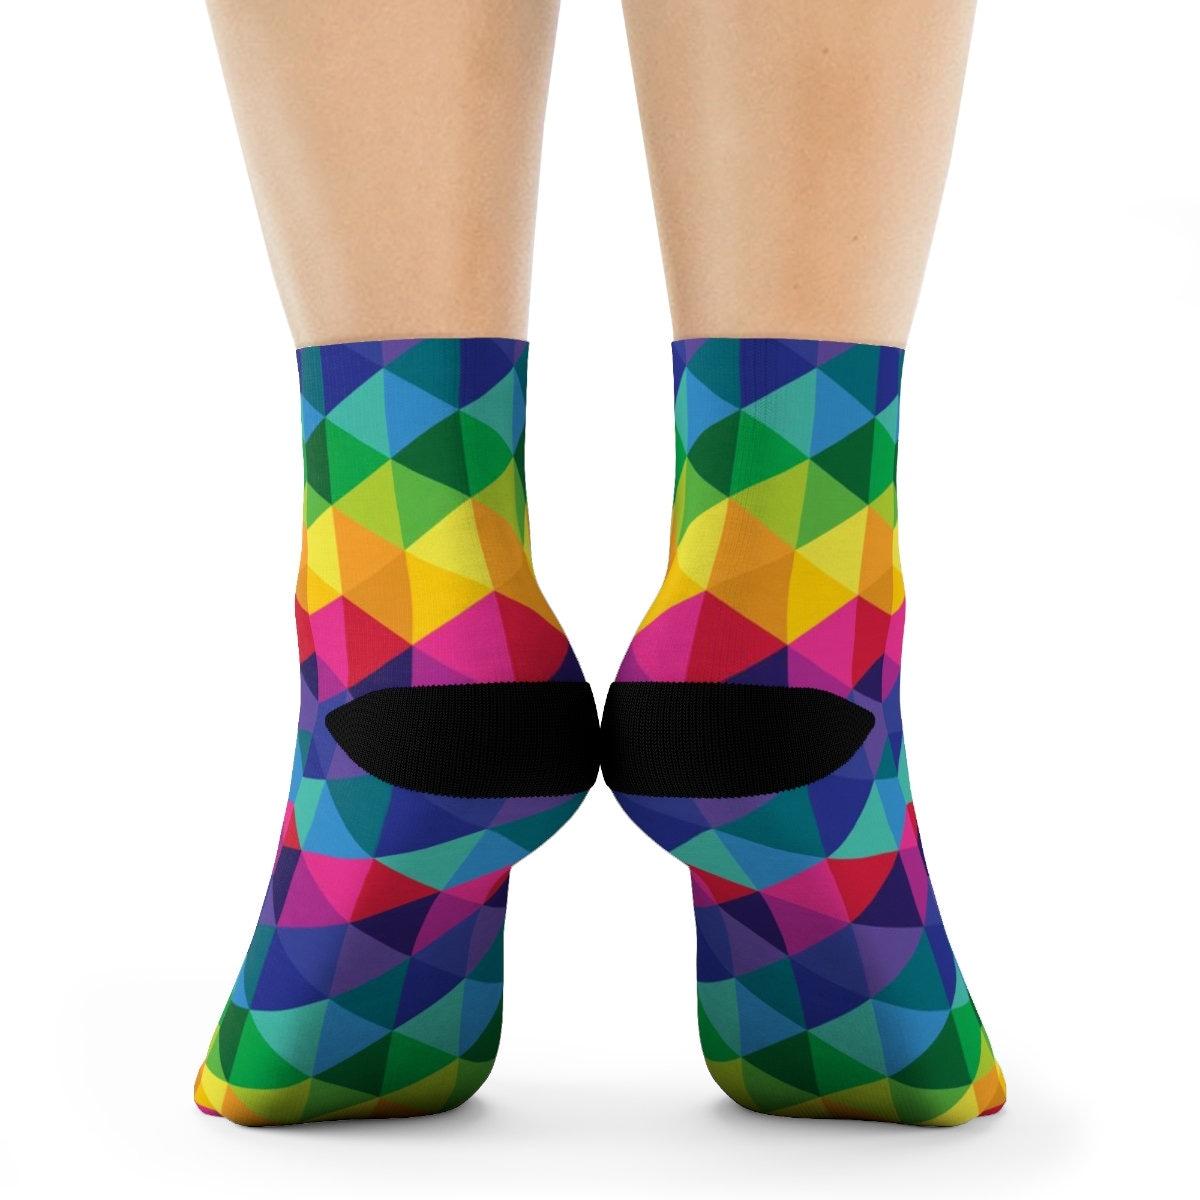 Colorful Crew Socks Rainbow Lovers Unite